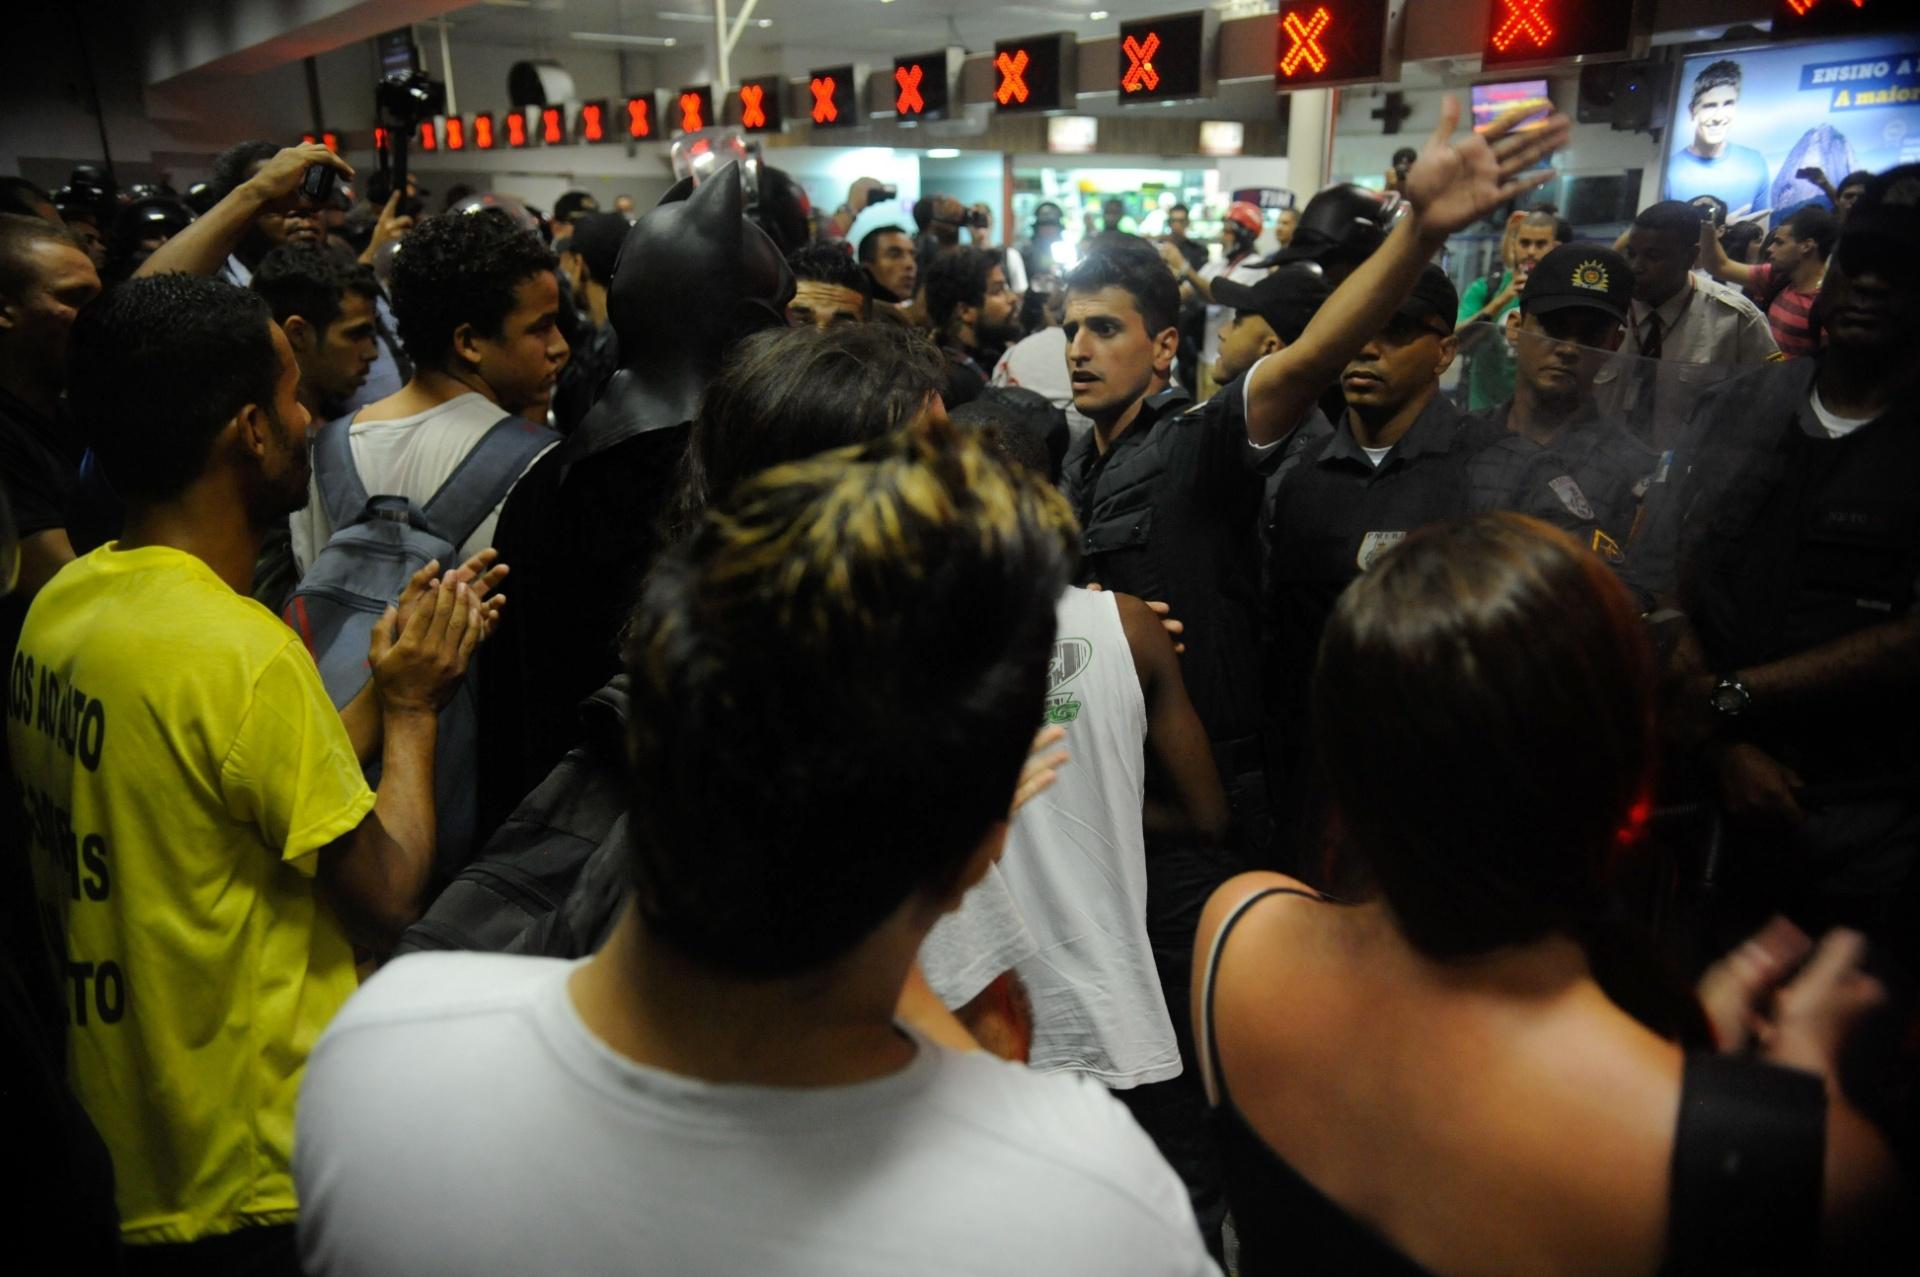 20.fev.2014 - Manifestantes tentam invadir a da estação das barcas, no centro do Rio de Janeiro, nesta quinta-feira (20), em protesto contra o aumento das tarifas do transporte público. Diante da presença de dezenas de policiais, os manifestantes promoveram um